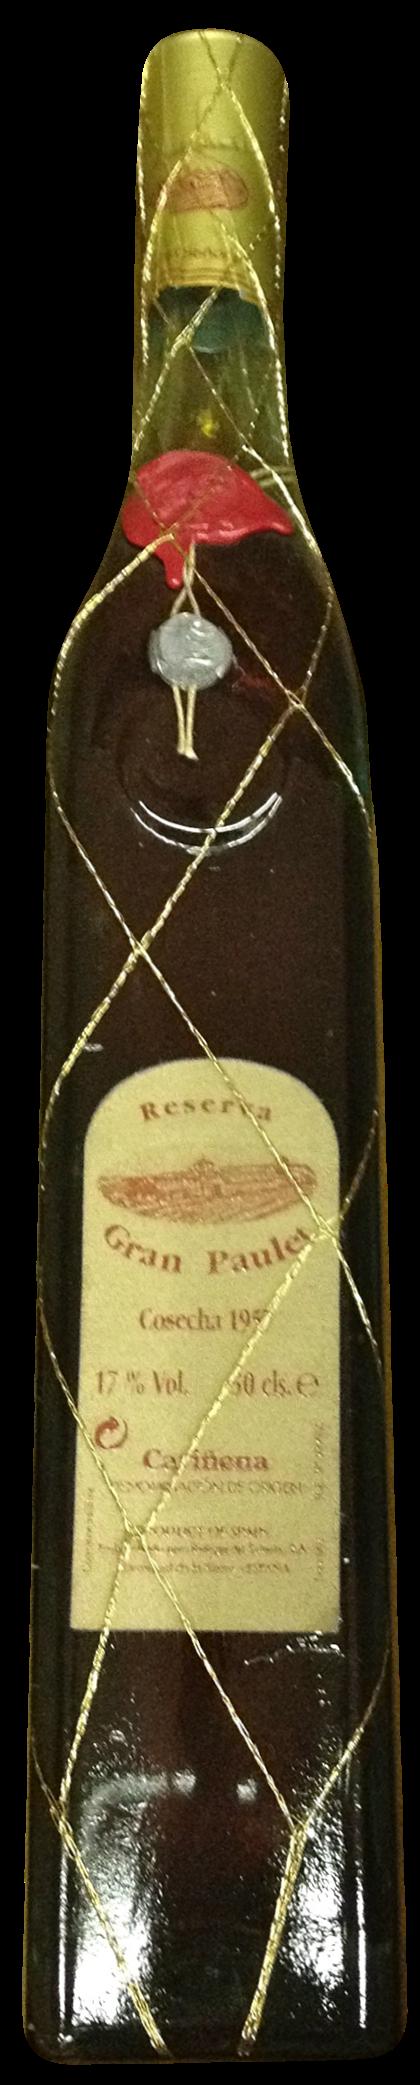 Bodegas del Señorio Martinez Gutierrez Gran Parlet 1970